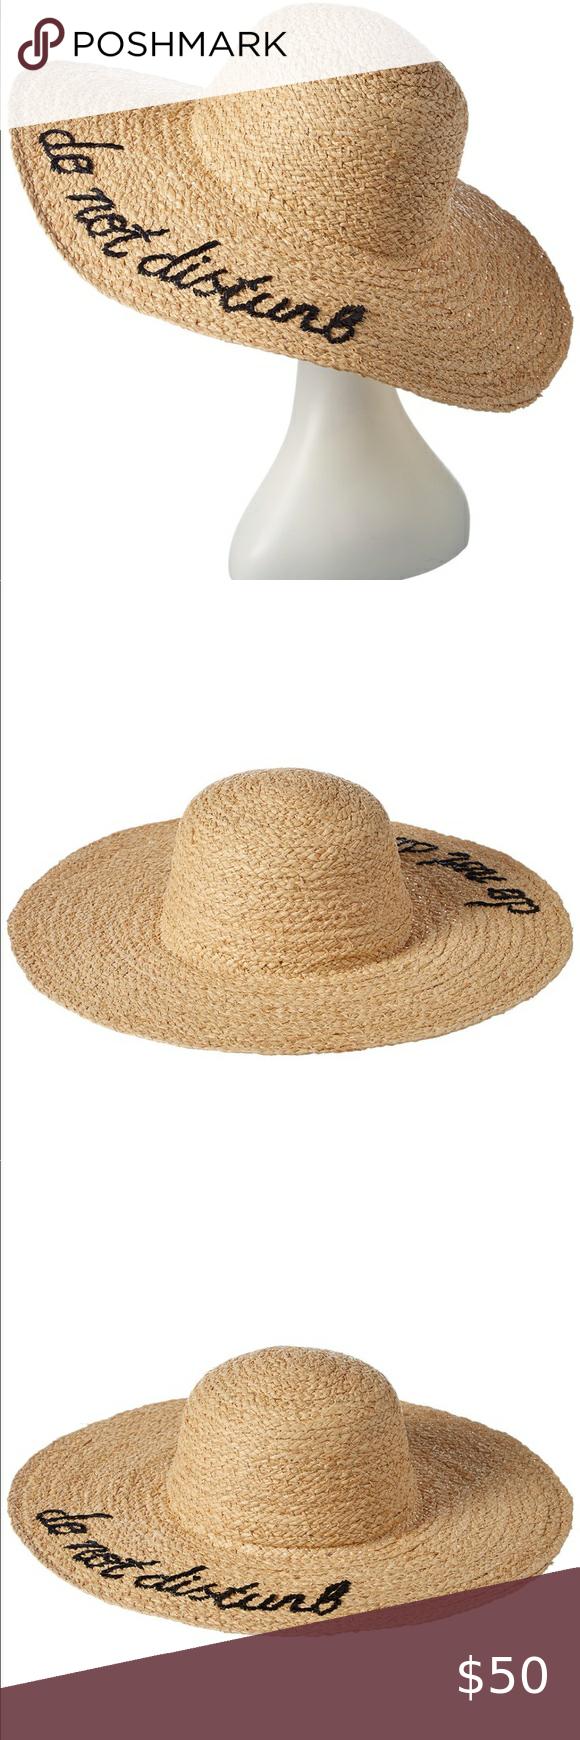 Nwt Hat Attack Raffia Straw Hat Women Accessories Hats Women Accessories Clothes Design